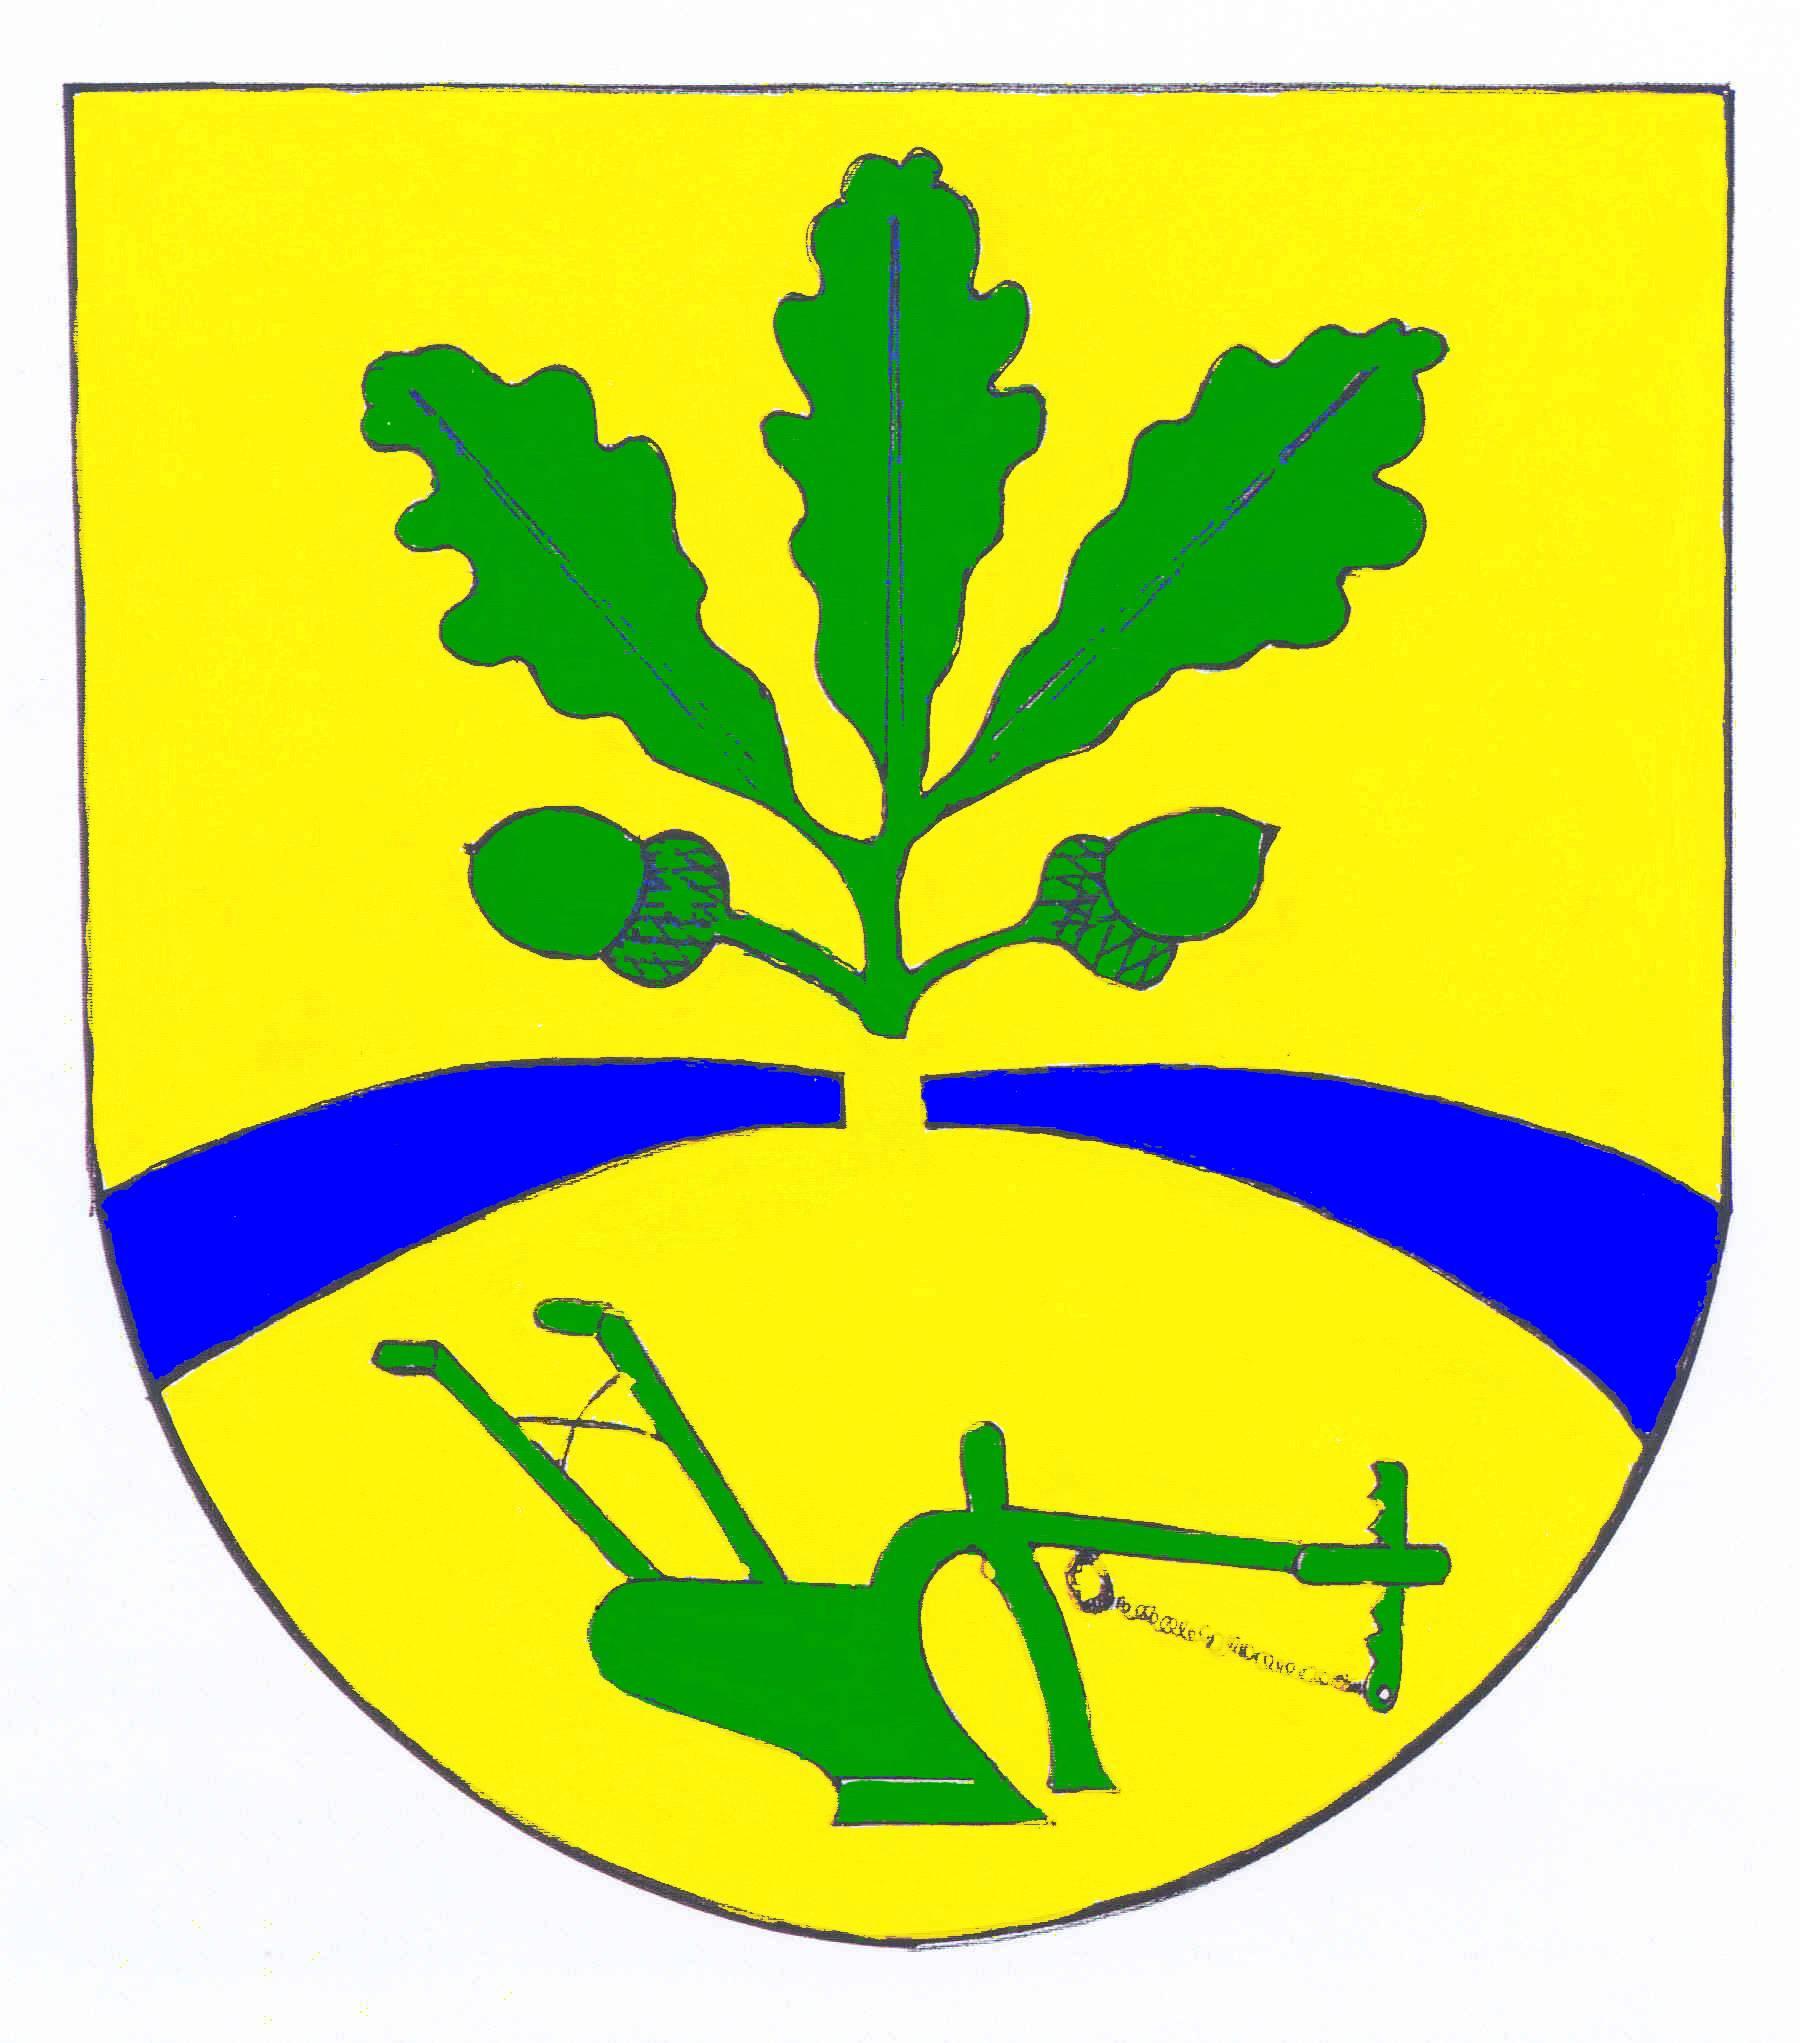 Wappen GemeindeStolk, Kreis Schleswig-Flensburg